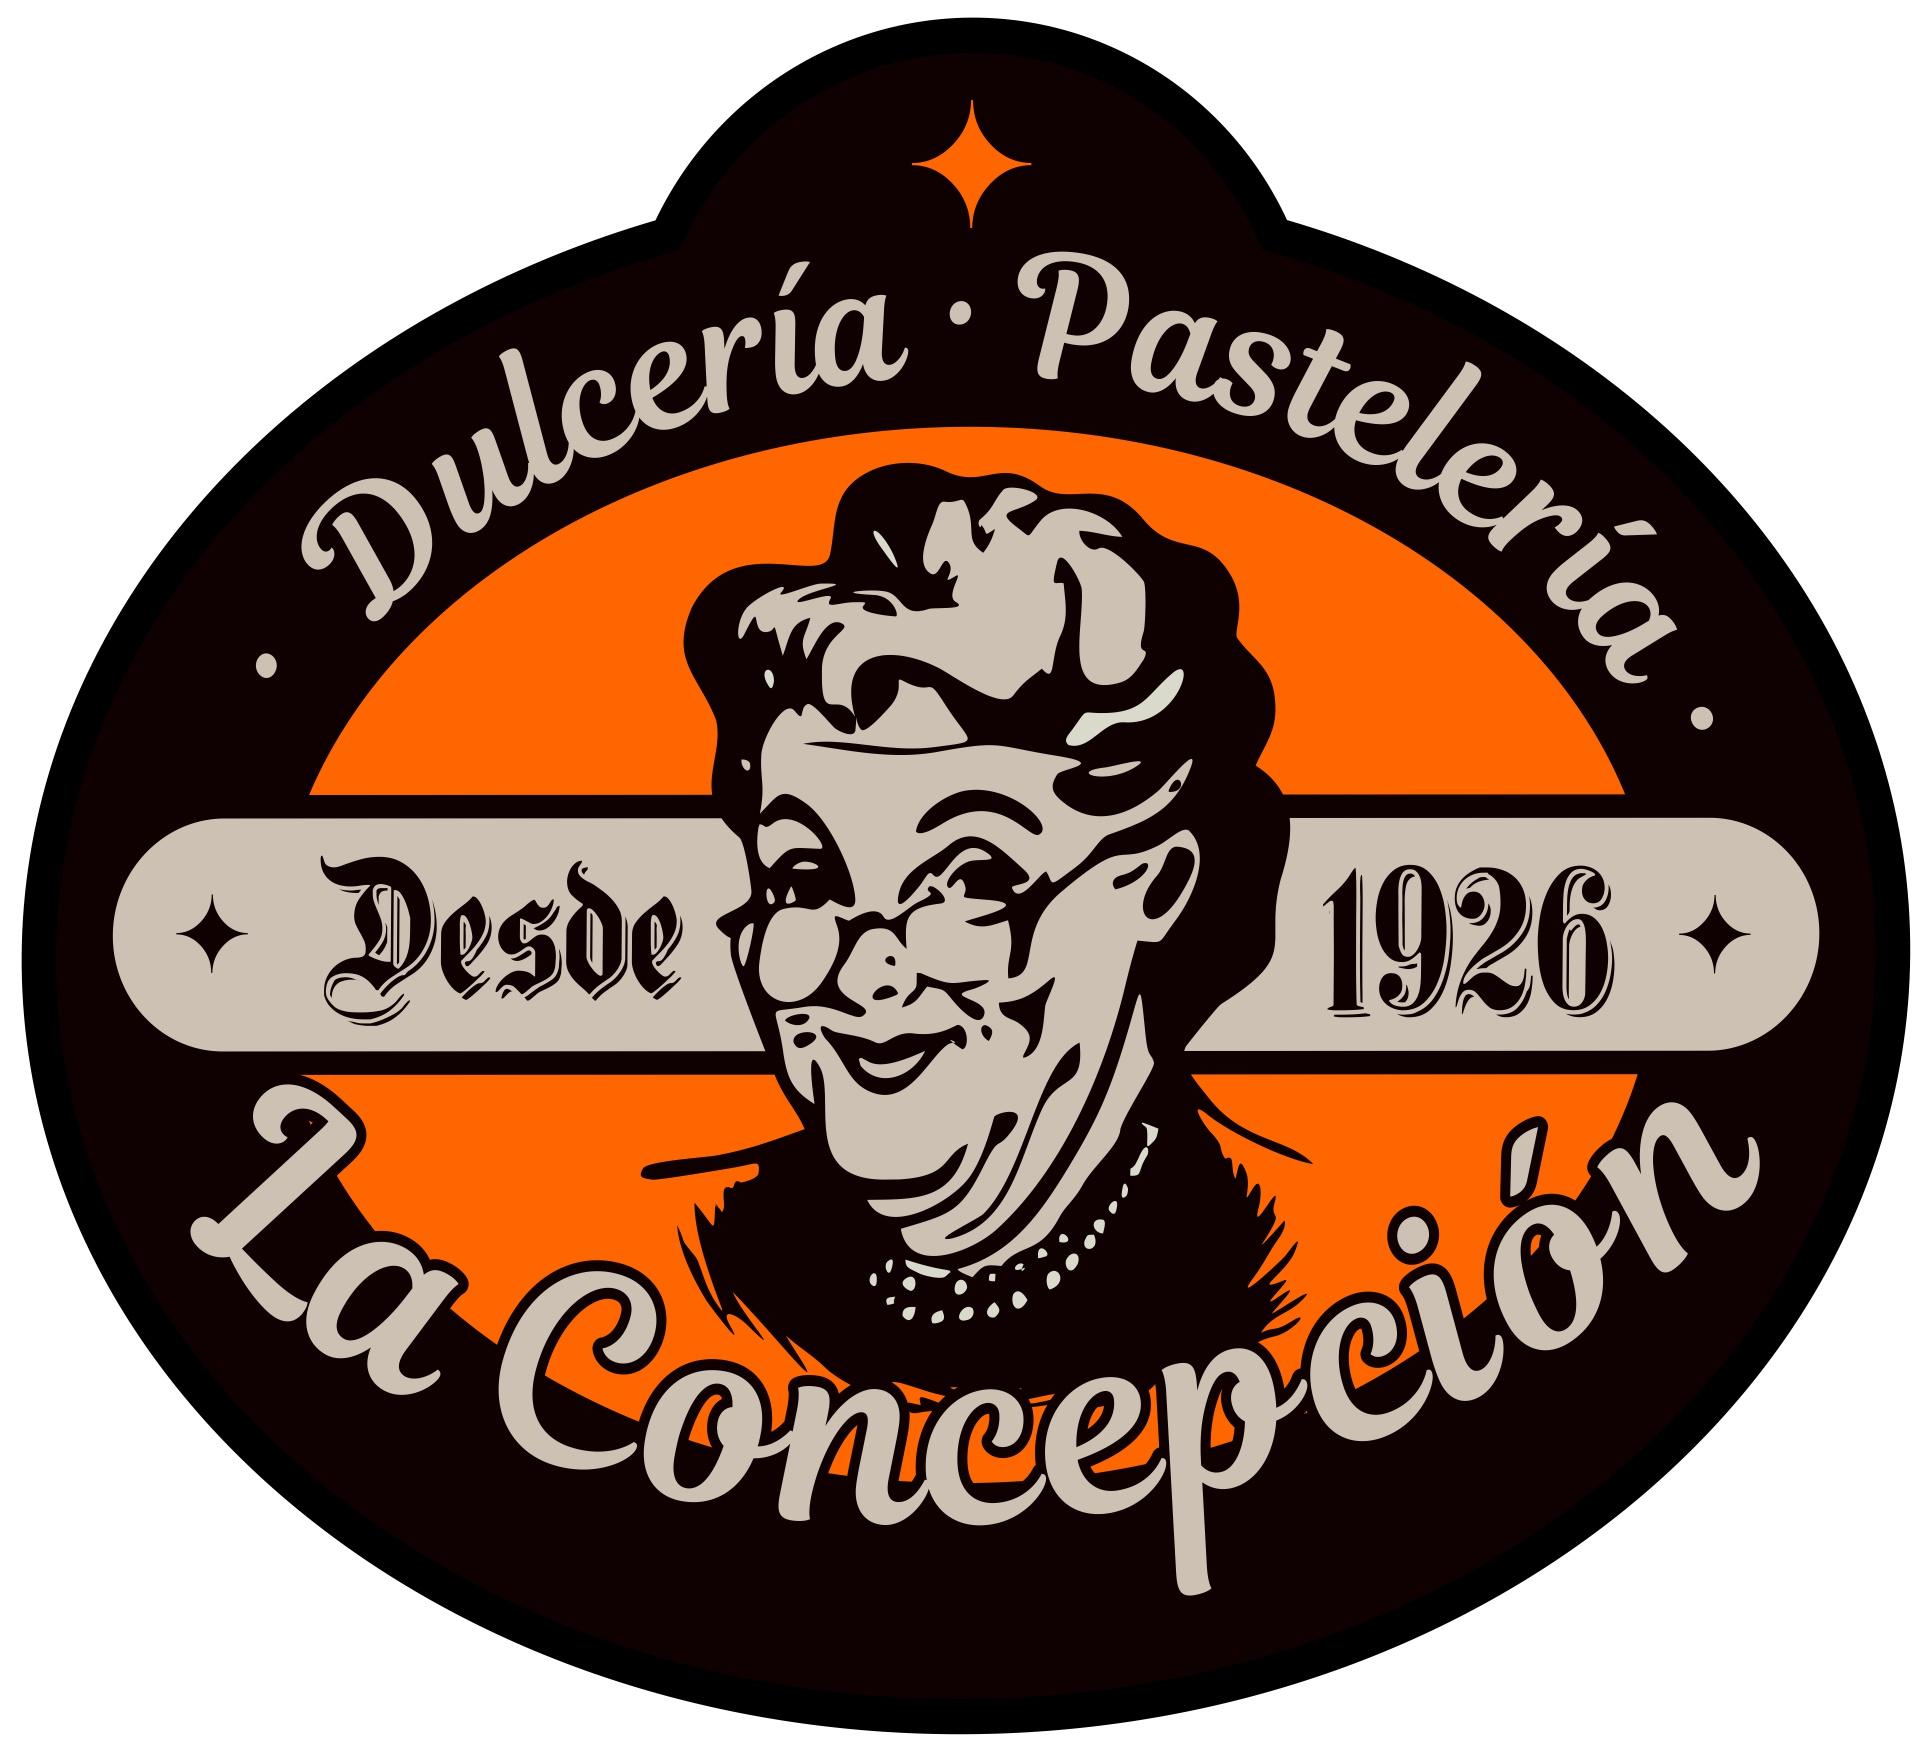 Dulcería Pastelería la Concepción